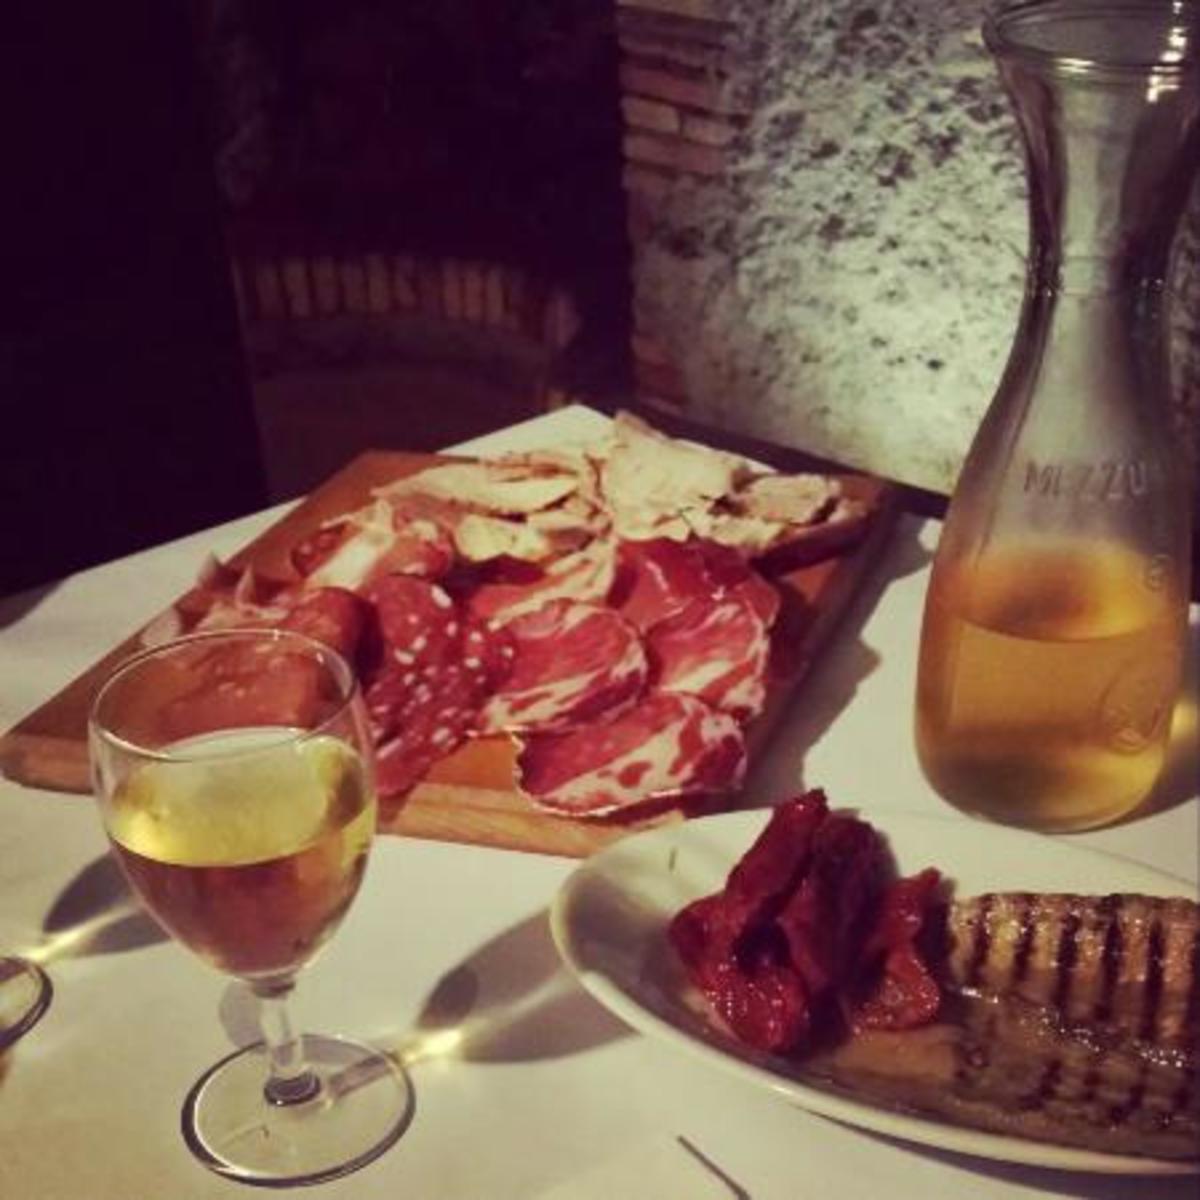 Pork and wine.